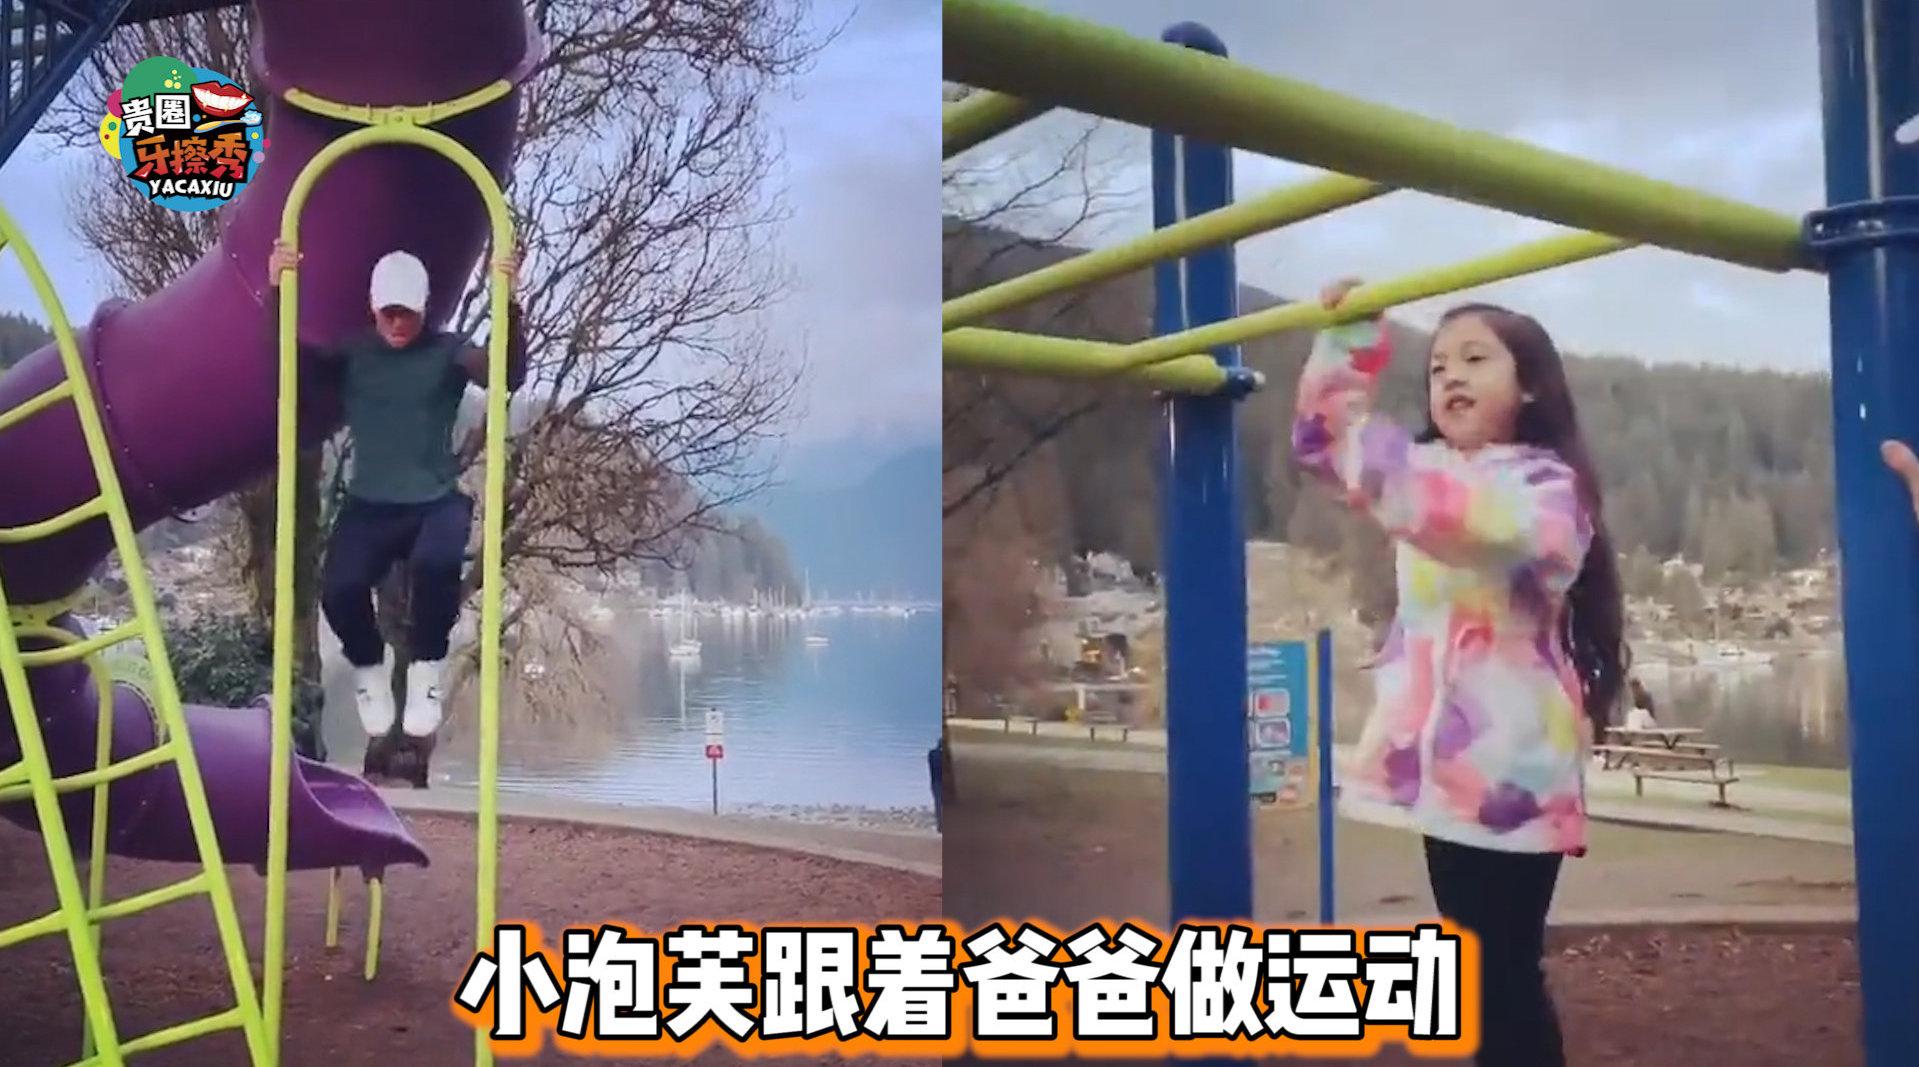 刘畊宏户外玩健身臂力惊人,女儿轻松爬过云梯显实力